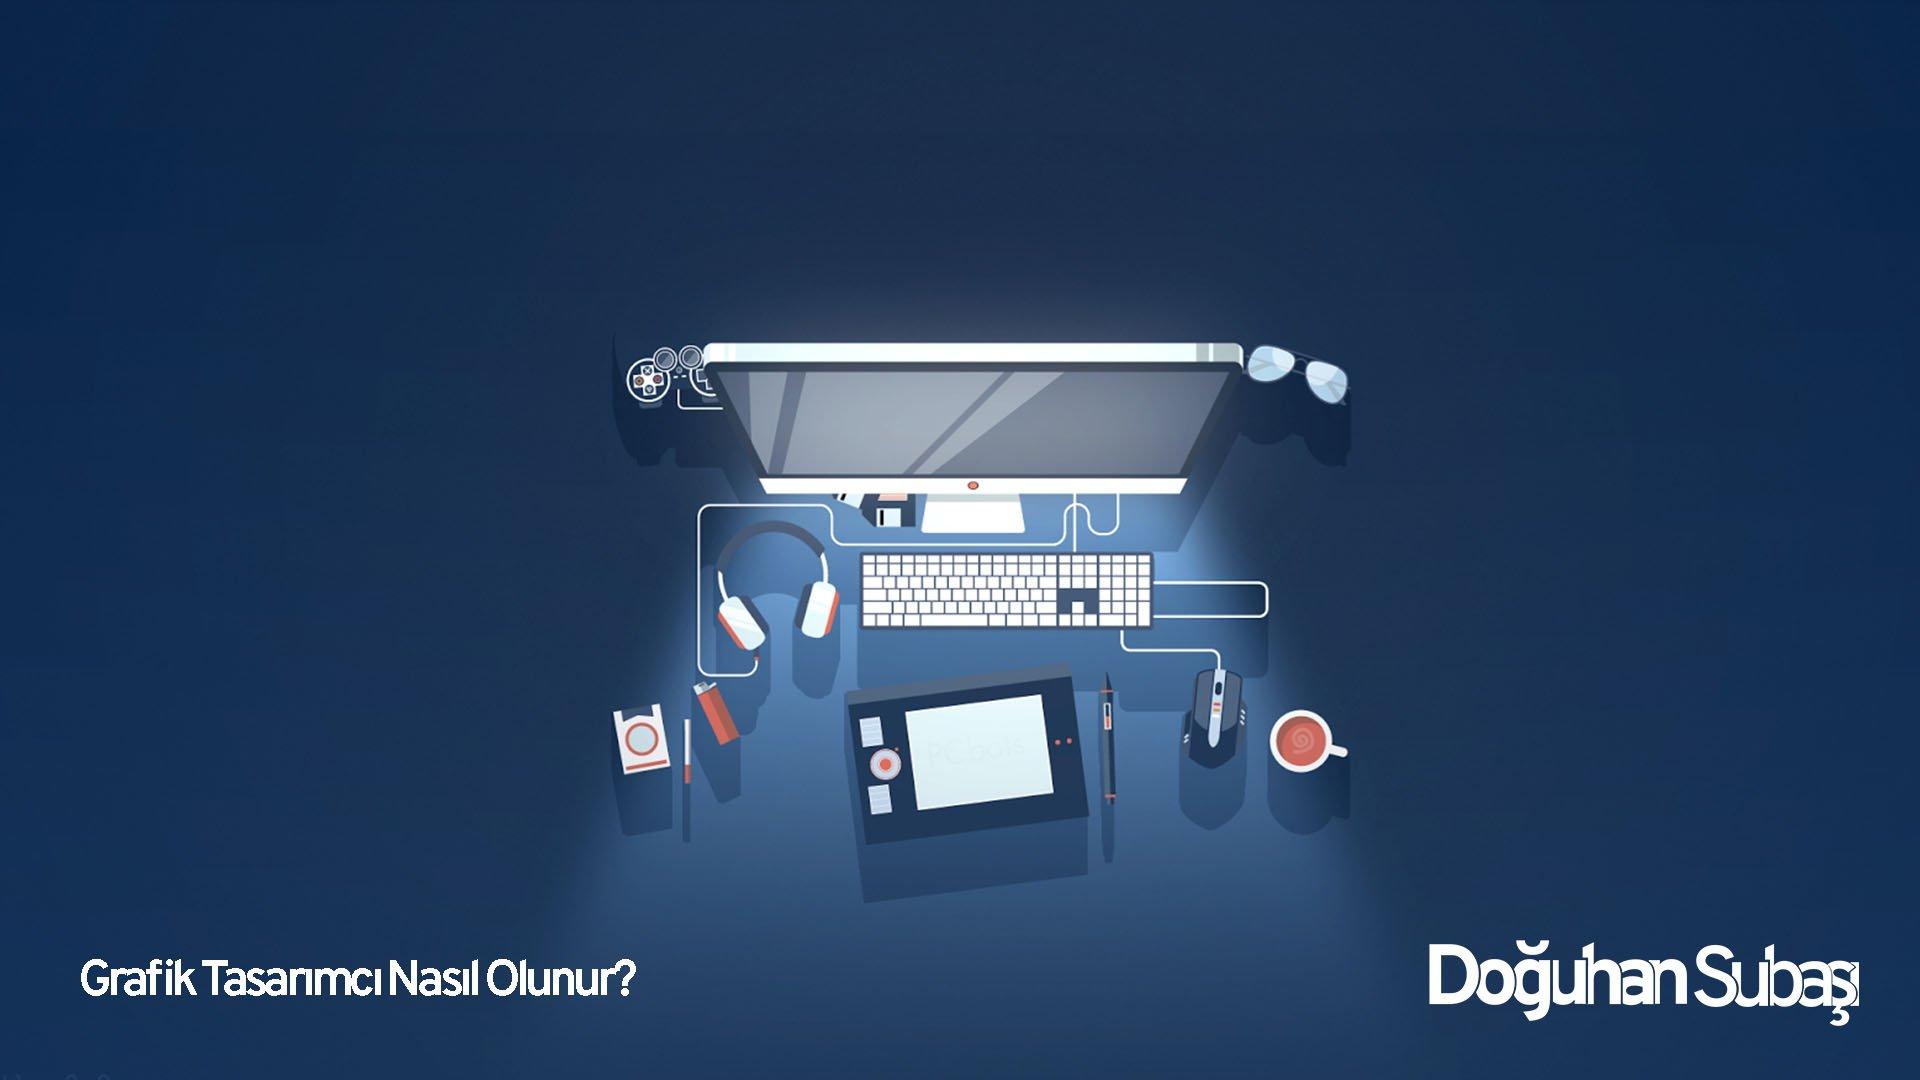 Grafik tasarımcısı ne iş yapar